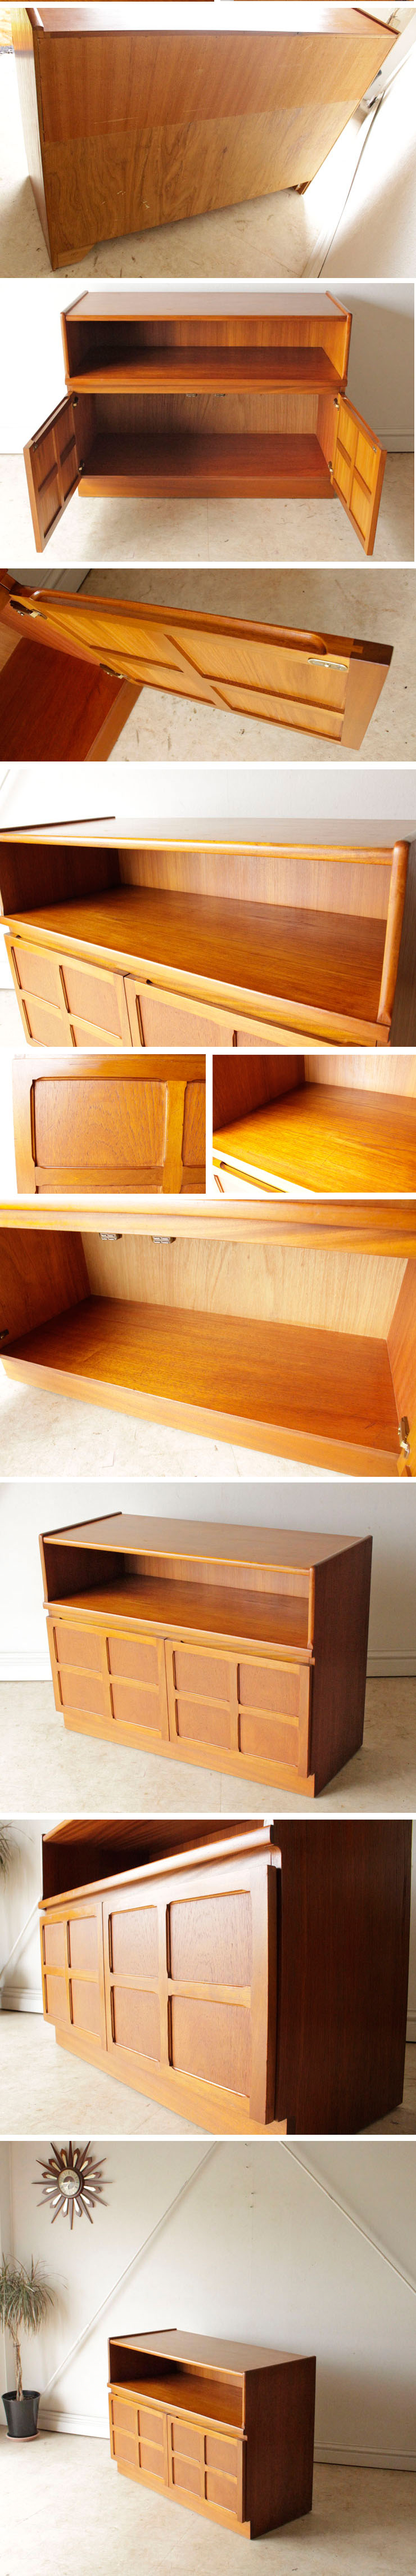 ネイサン・ビンテージ・チーク・サイドボード・キャビネット・食器棚・Nathan・北欧・アンティーク